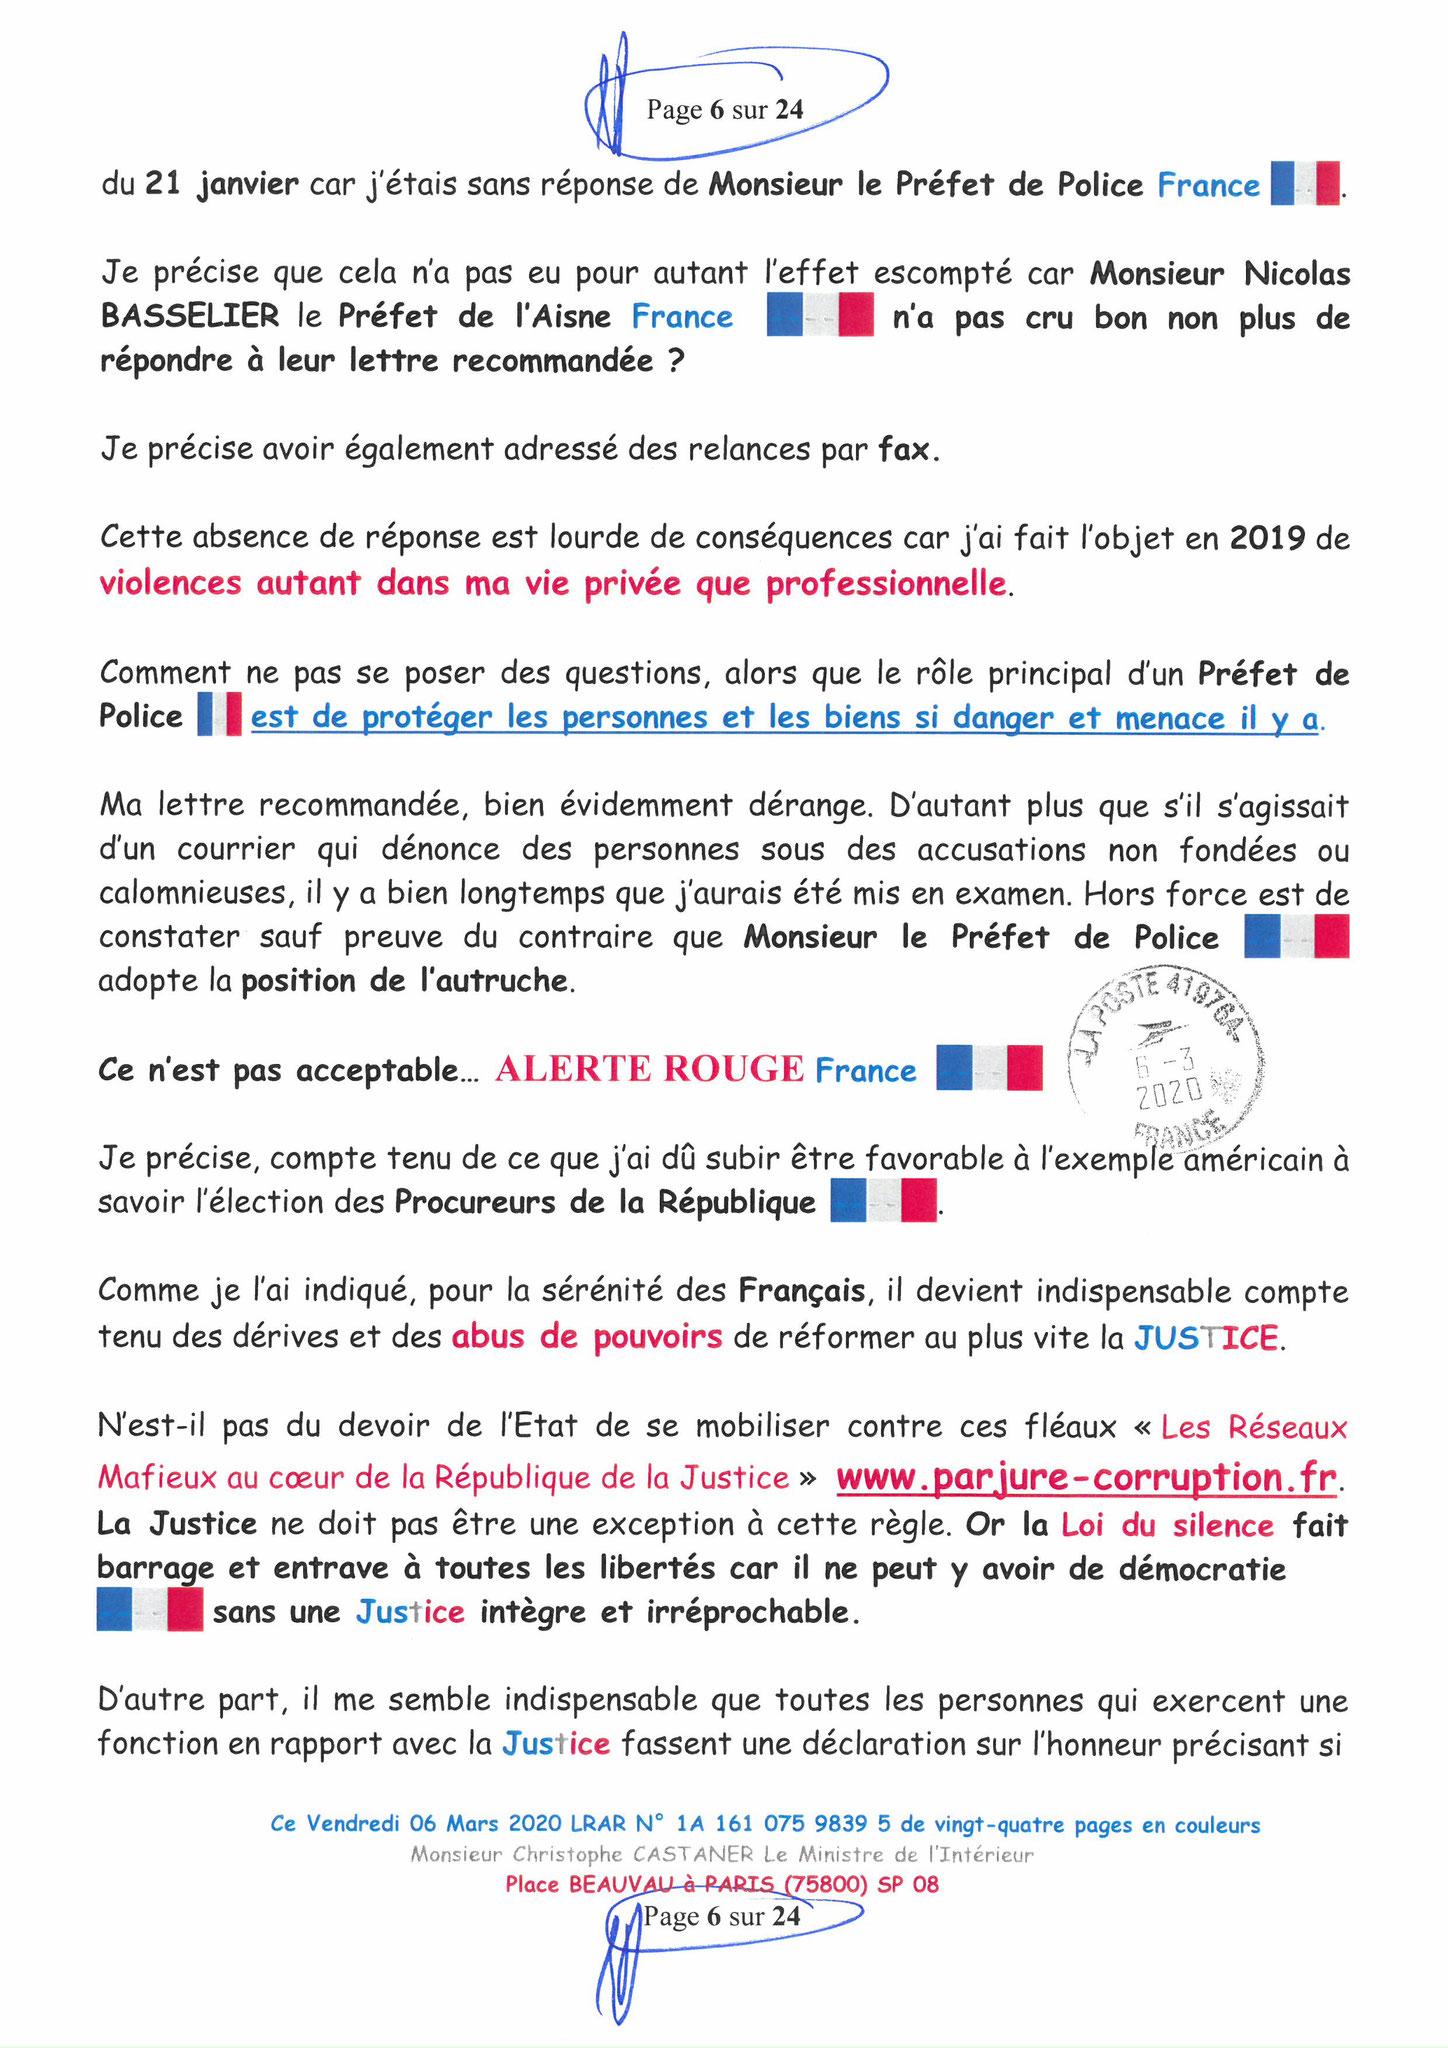 Ma LRAR à Monsieur le Ministre de l'Intérieur Christophe CASTANER N°1A 161 075 9839 5  Page 6 sur 24 en couleur du 06 Mars 2020  www.jesuispatrick.fr www.jesuisvictime.fr www.alerte-rouge-france.fr